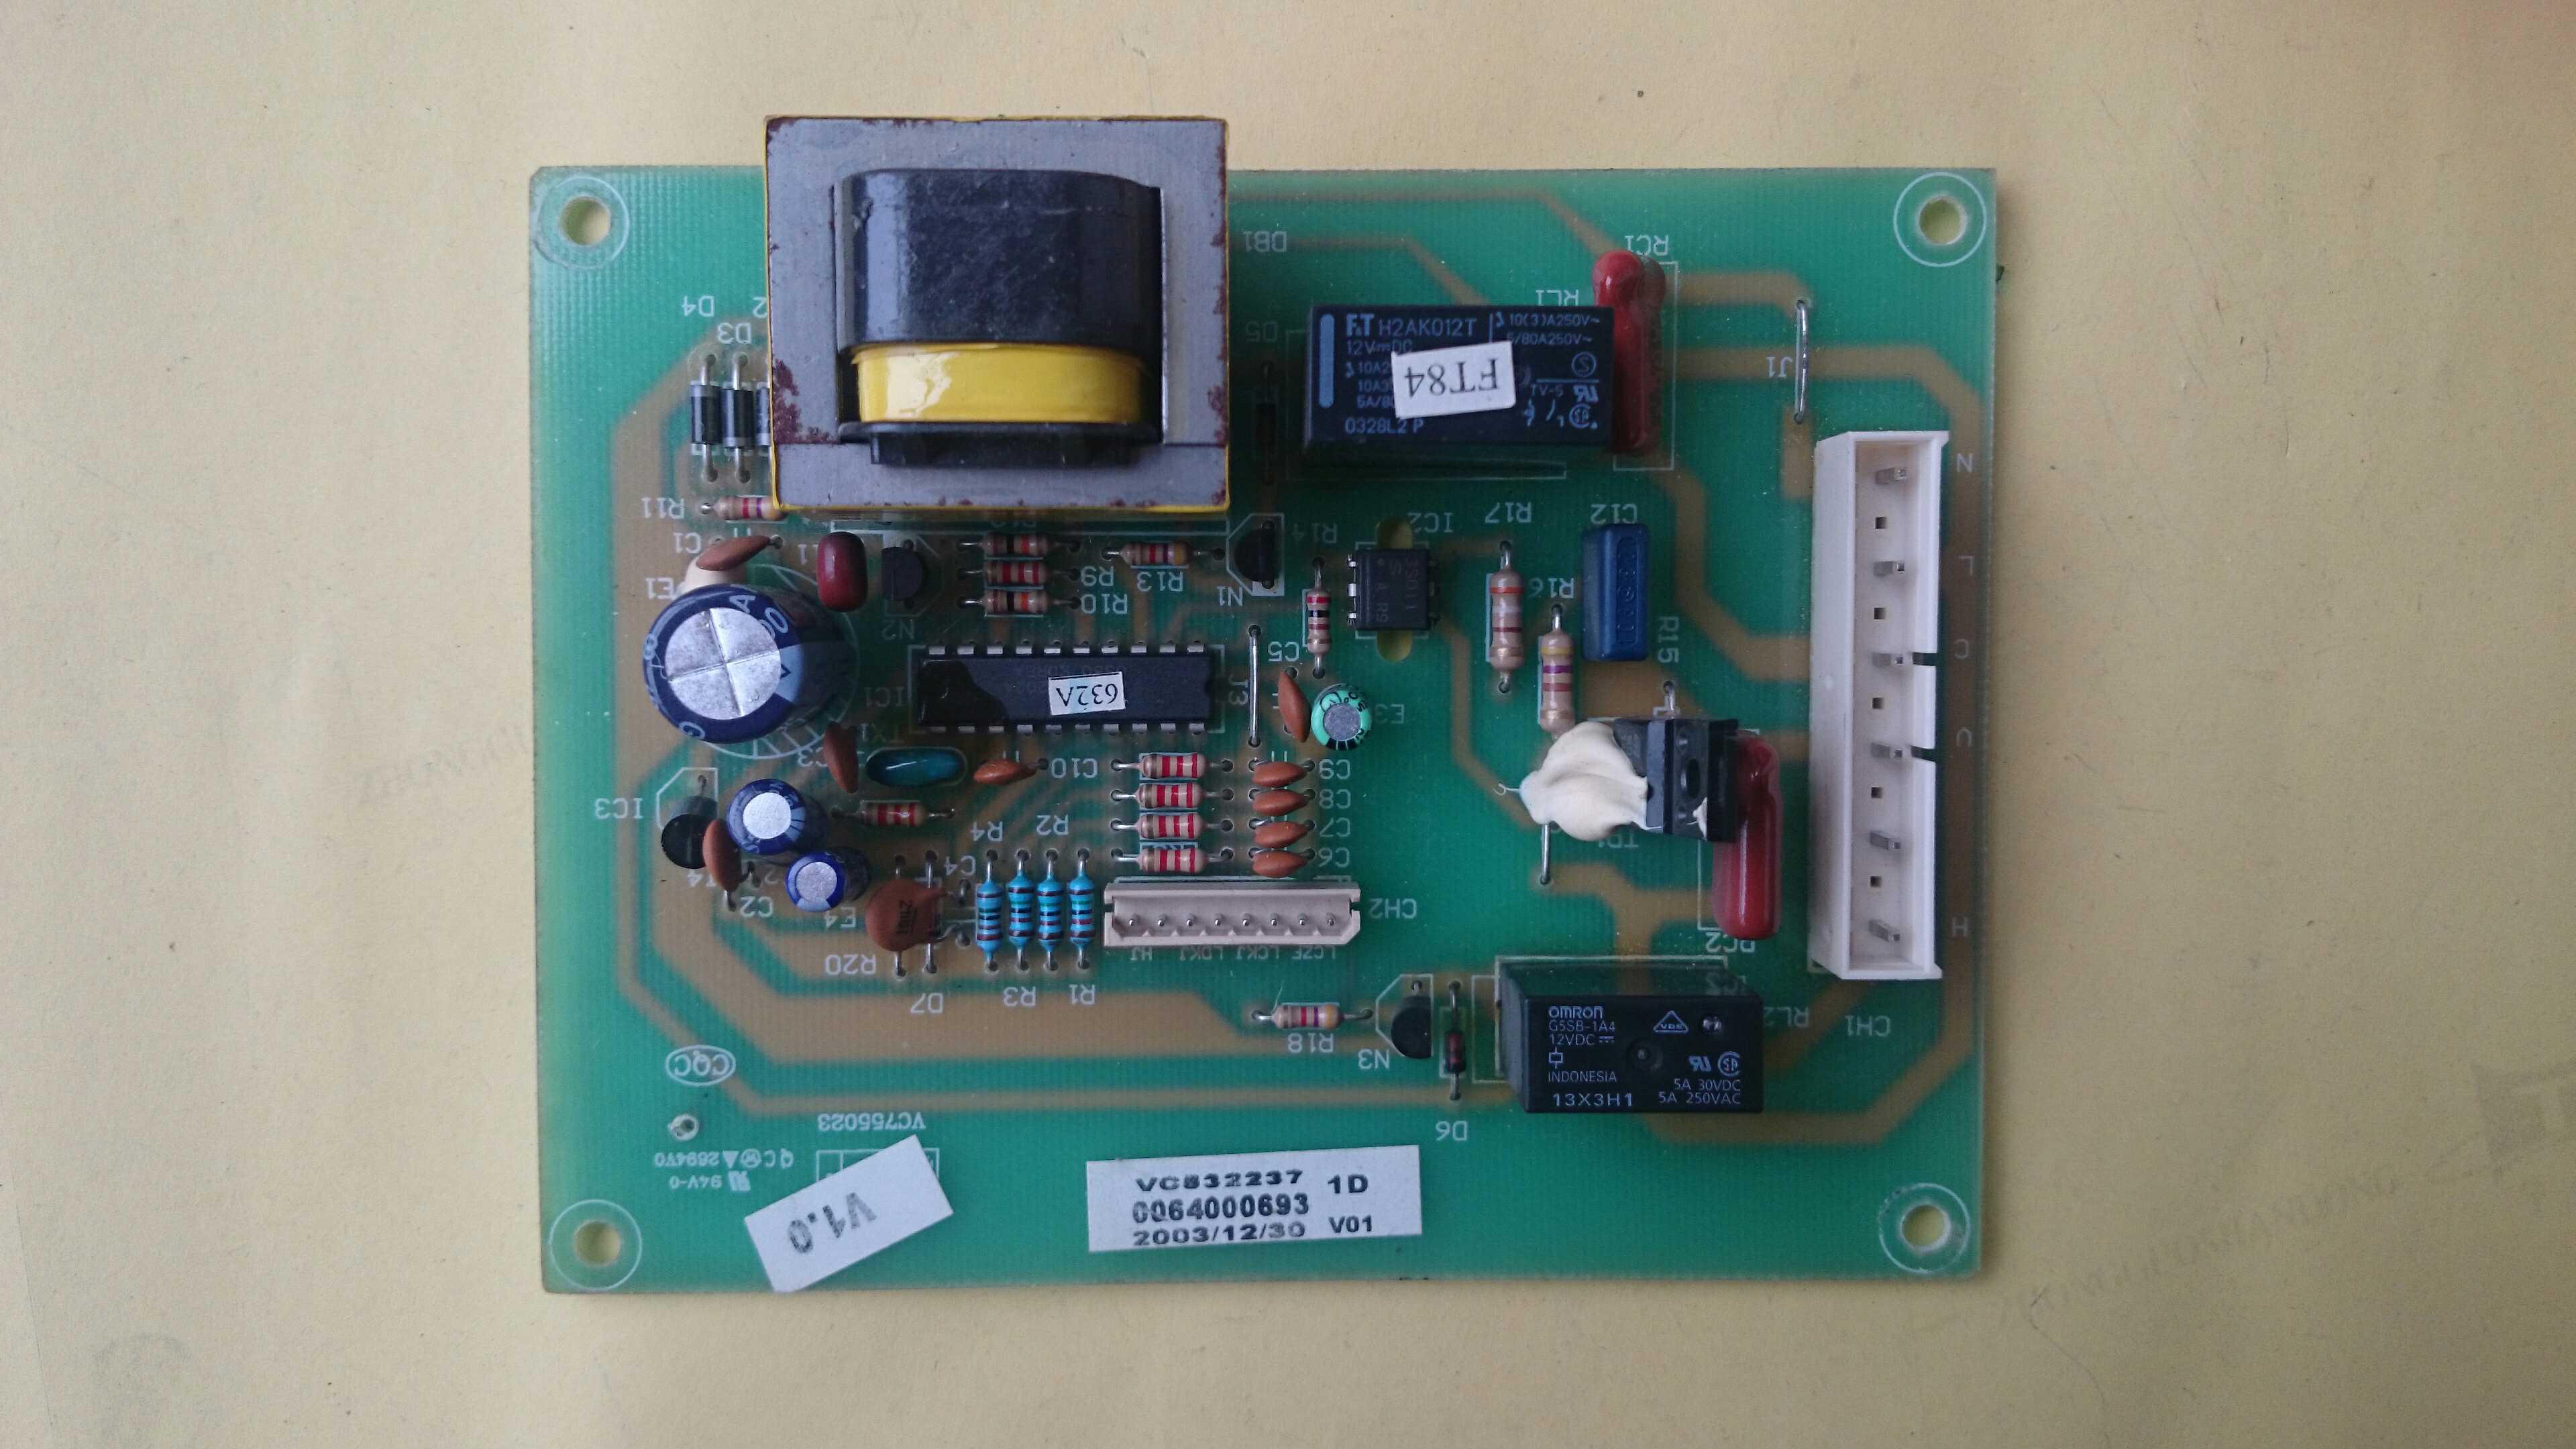 The original Haier refrigerator power main control board 0064000693 for Haier refrigerator BCD-206ZMD haier refrigerator power main control board 0064000489 for the haier refrigerator bcd 163e b 163e c